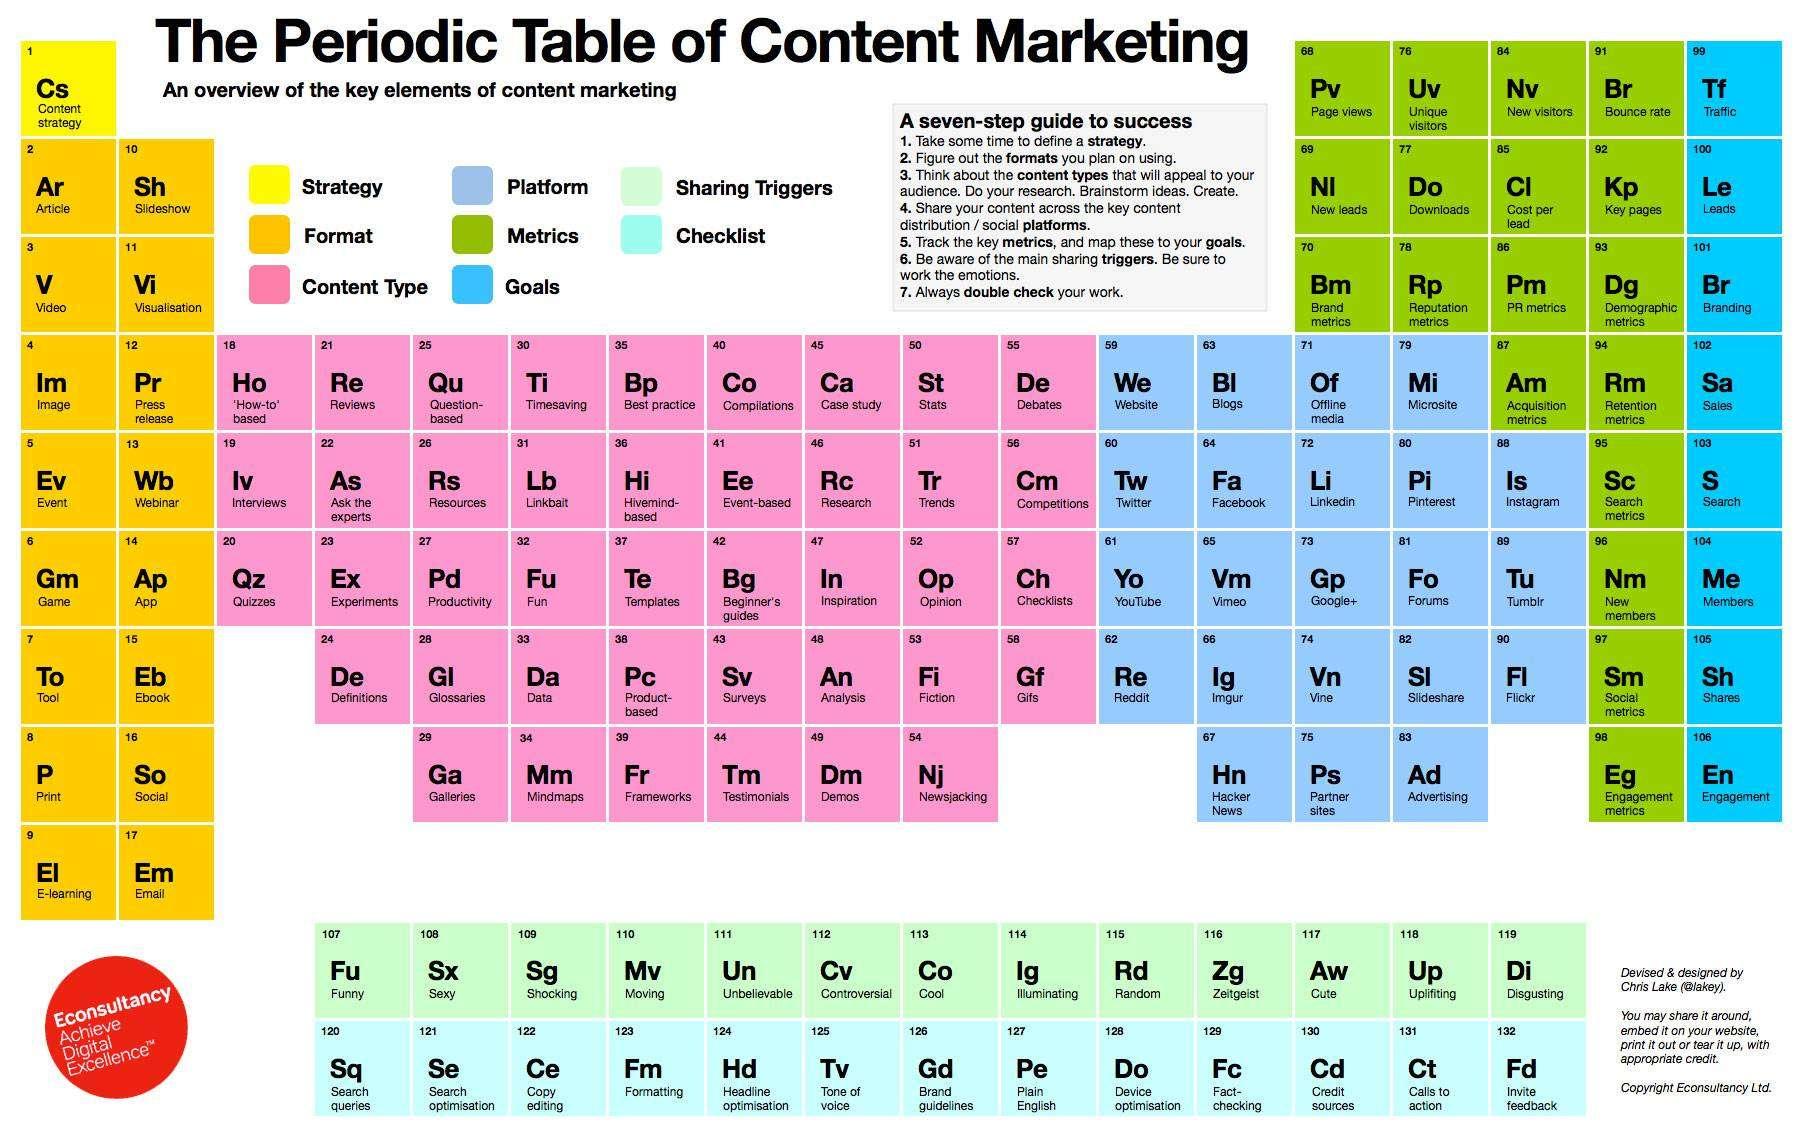 Створена «Періодична таблиця контент-маркетингу»